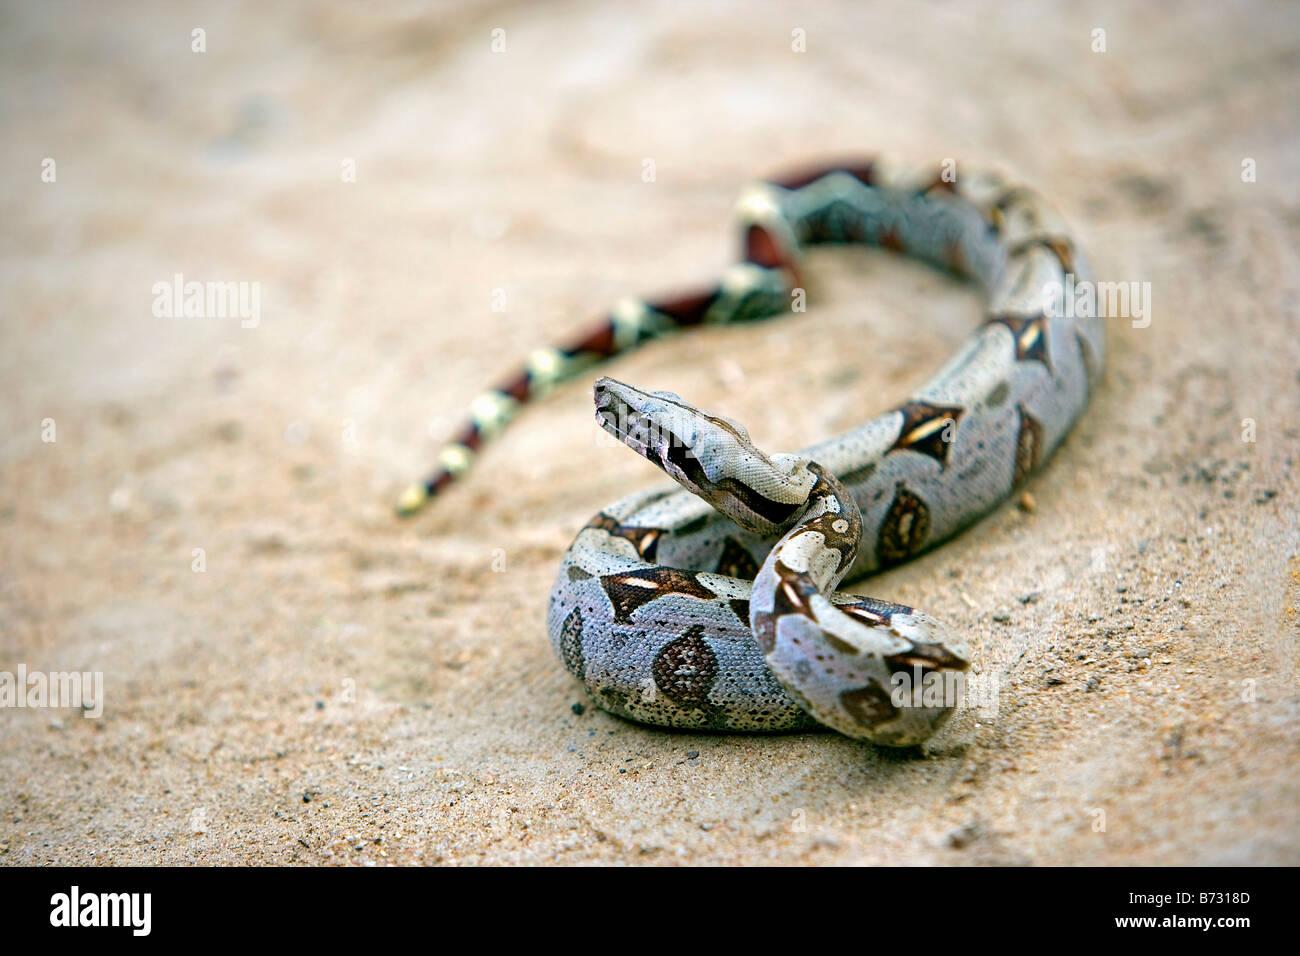 Il Suriname, Laduani, presso la banca di Boven Suriname fiume. Boa Constrictor. (Boa Constrictor constrictor). Immagini Stock